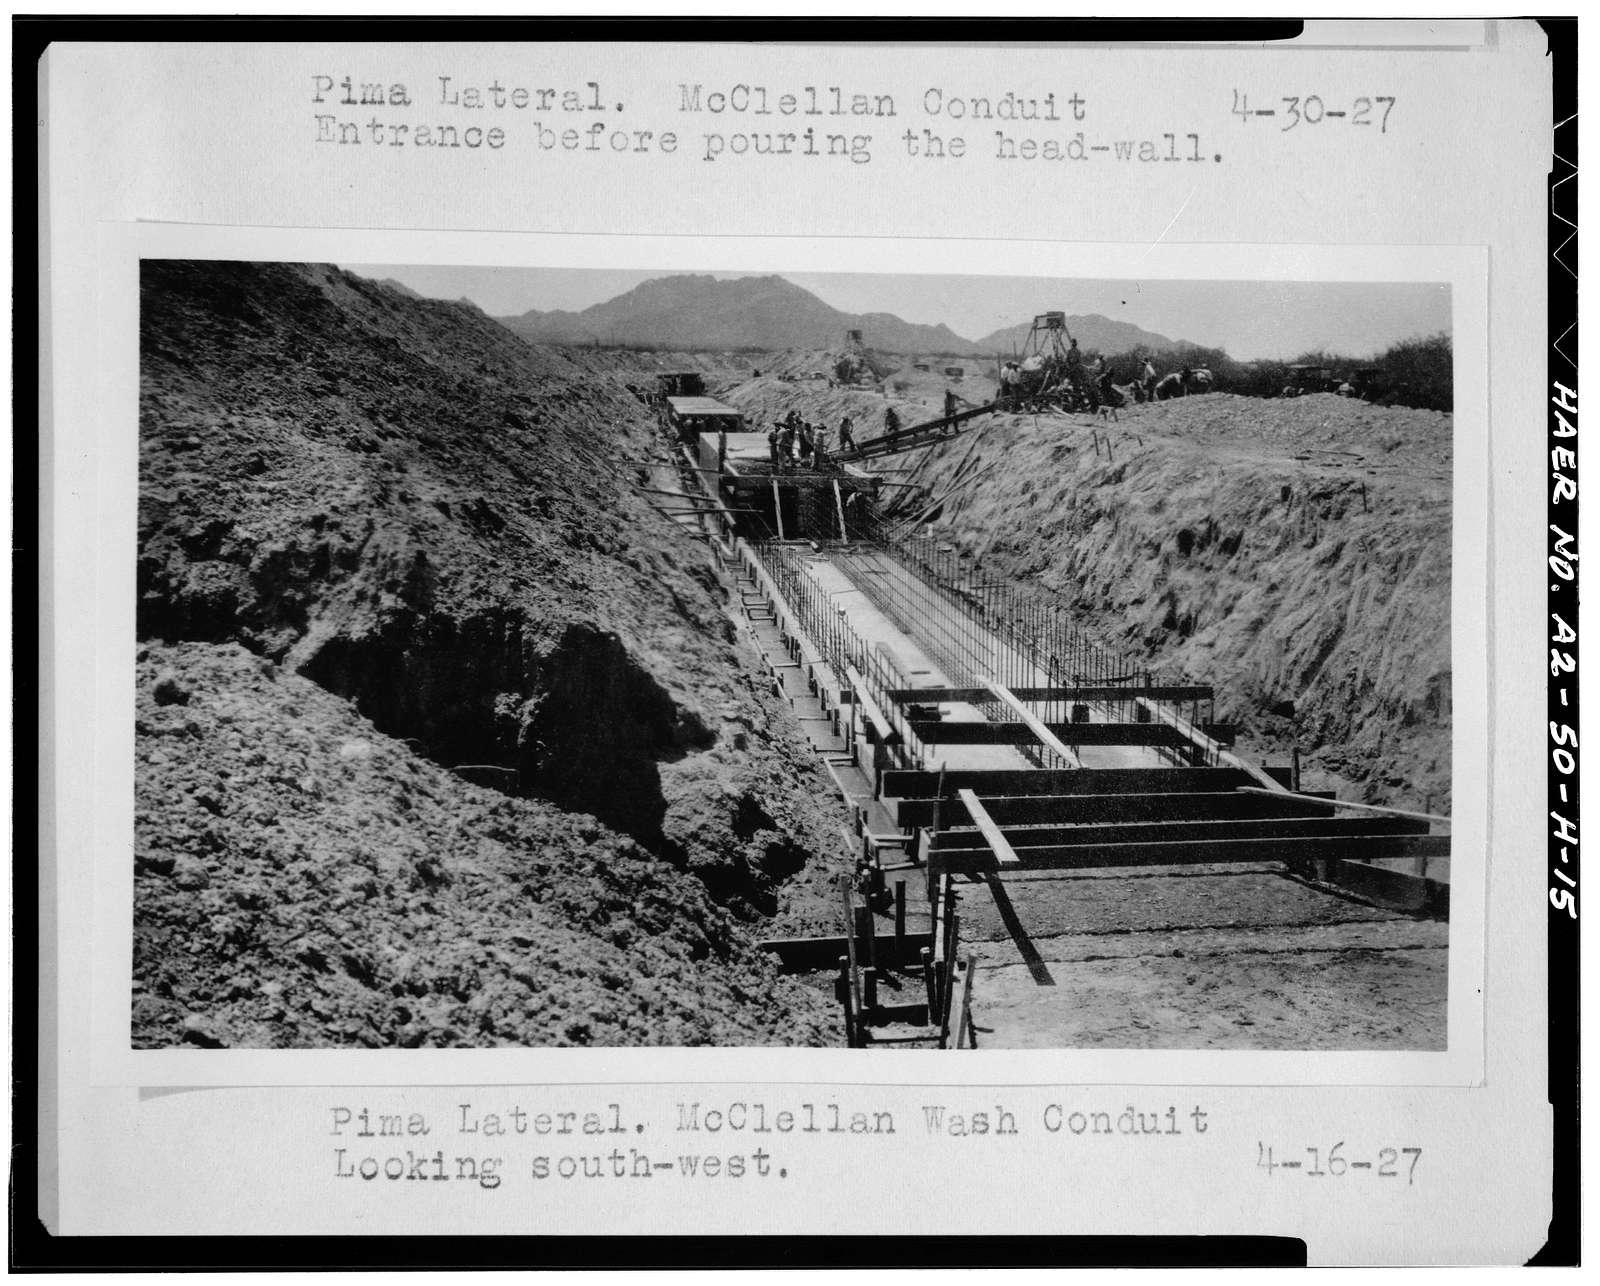 San Carlos Irrigation Project, Pima Lateral, Main Canal at Sacaton Dam, Coolidge, Pinal County, AZ